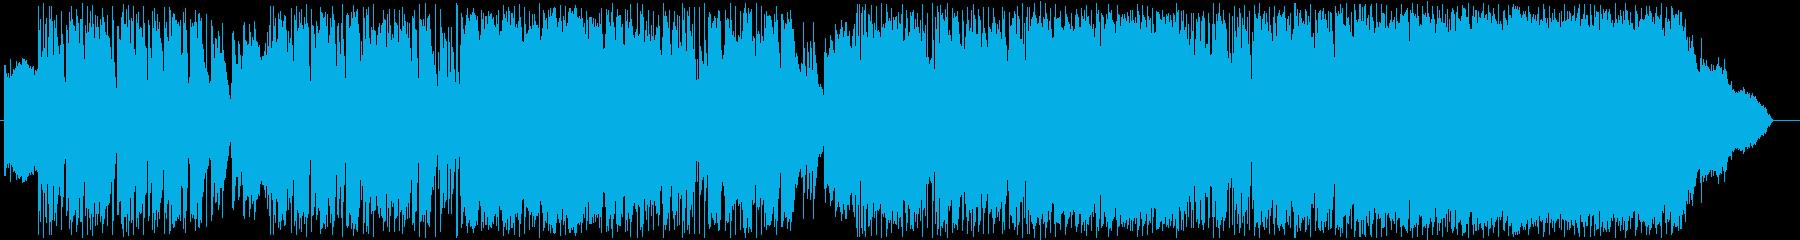 ポップロック、男性ボーカル。ブルー...の再生済みの波形